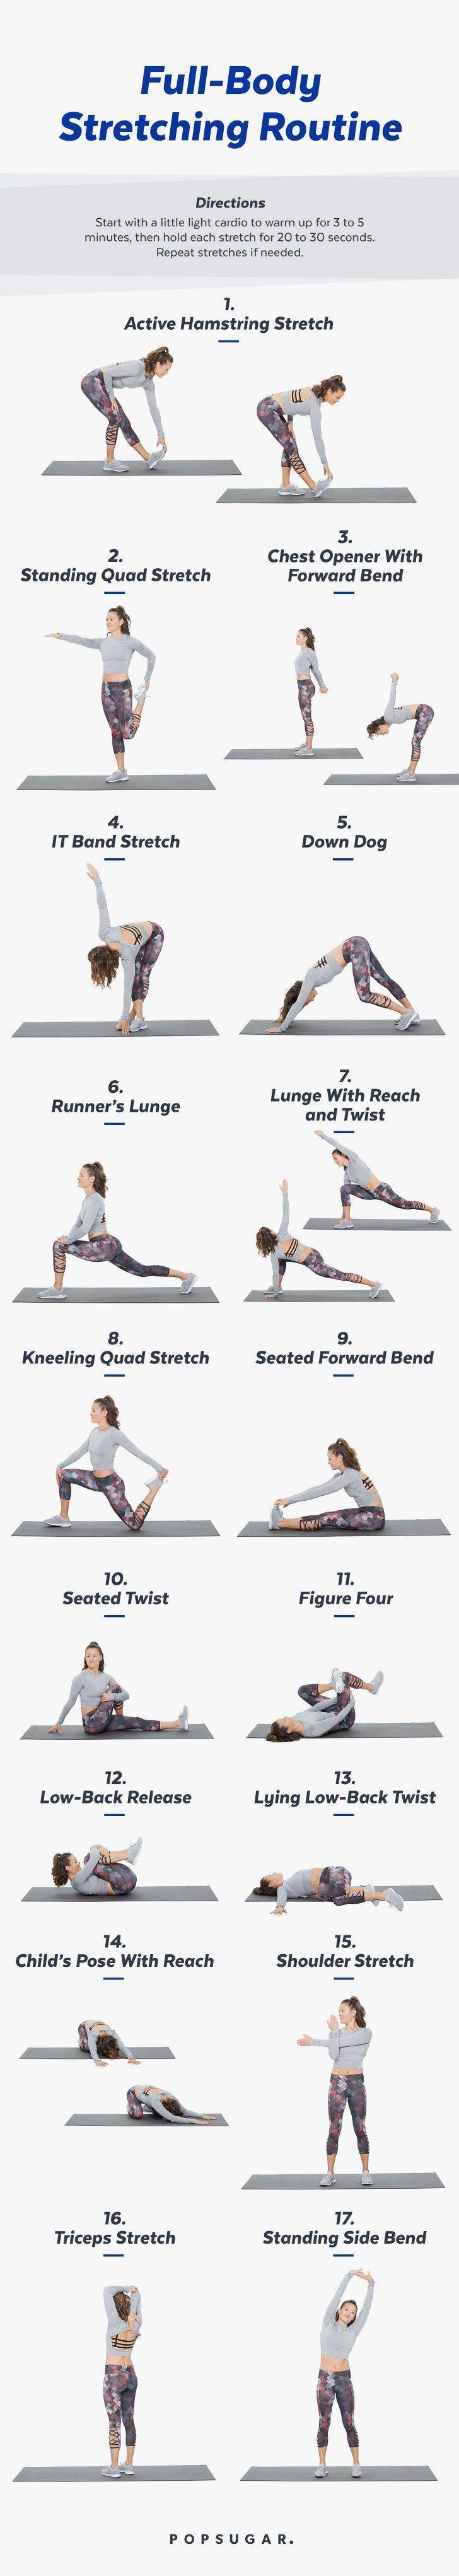 25 + › Dehnen, Ausruhen, Entspannen: So gönnen Sie sich einen Ruhetag -> für Pilates Special